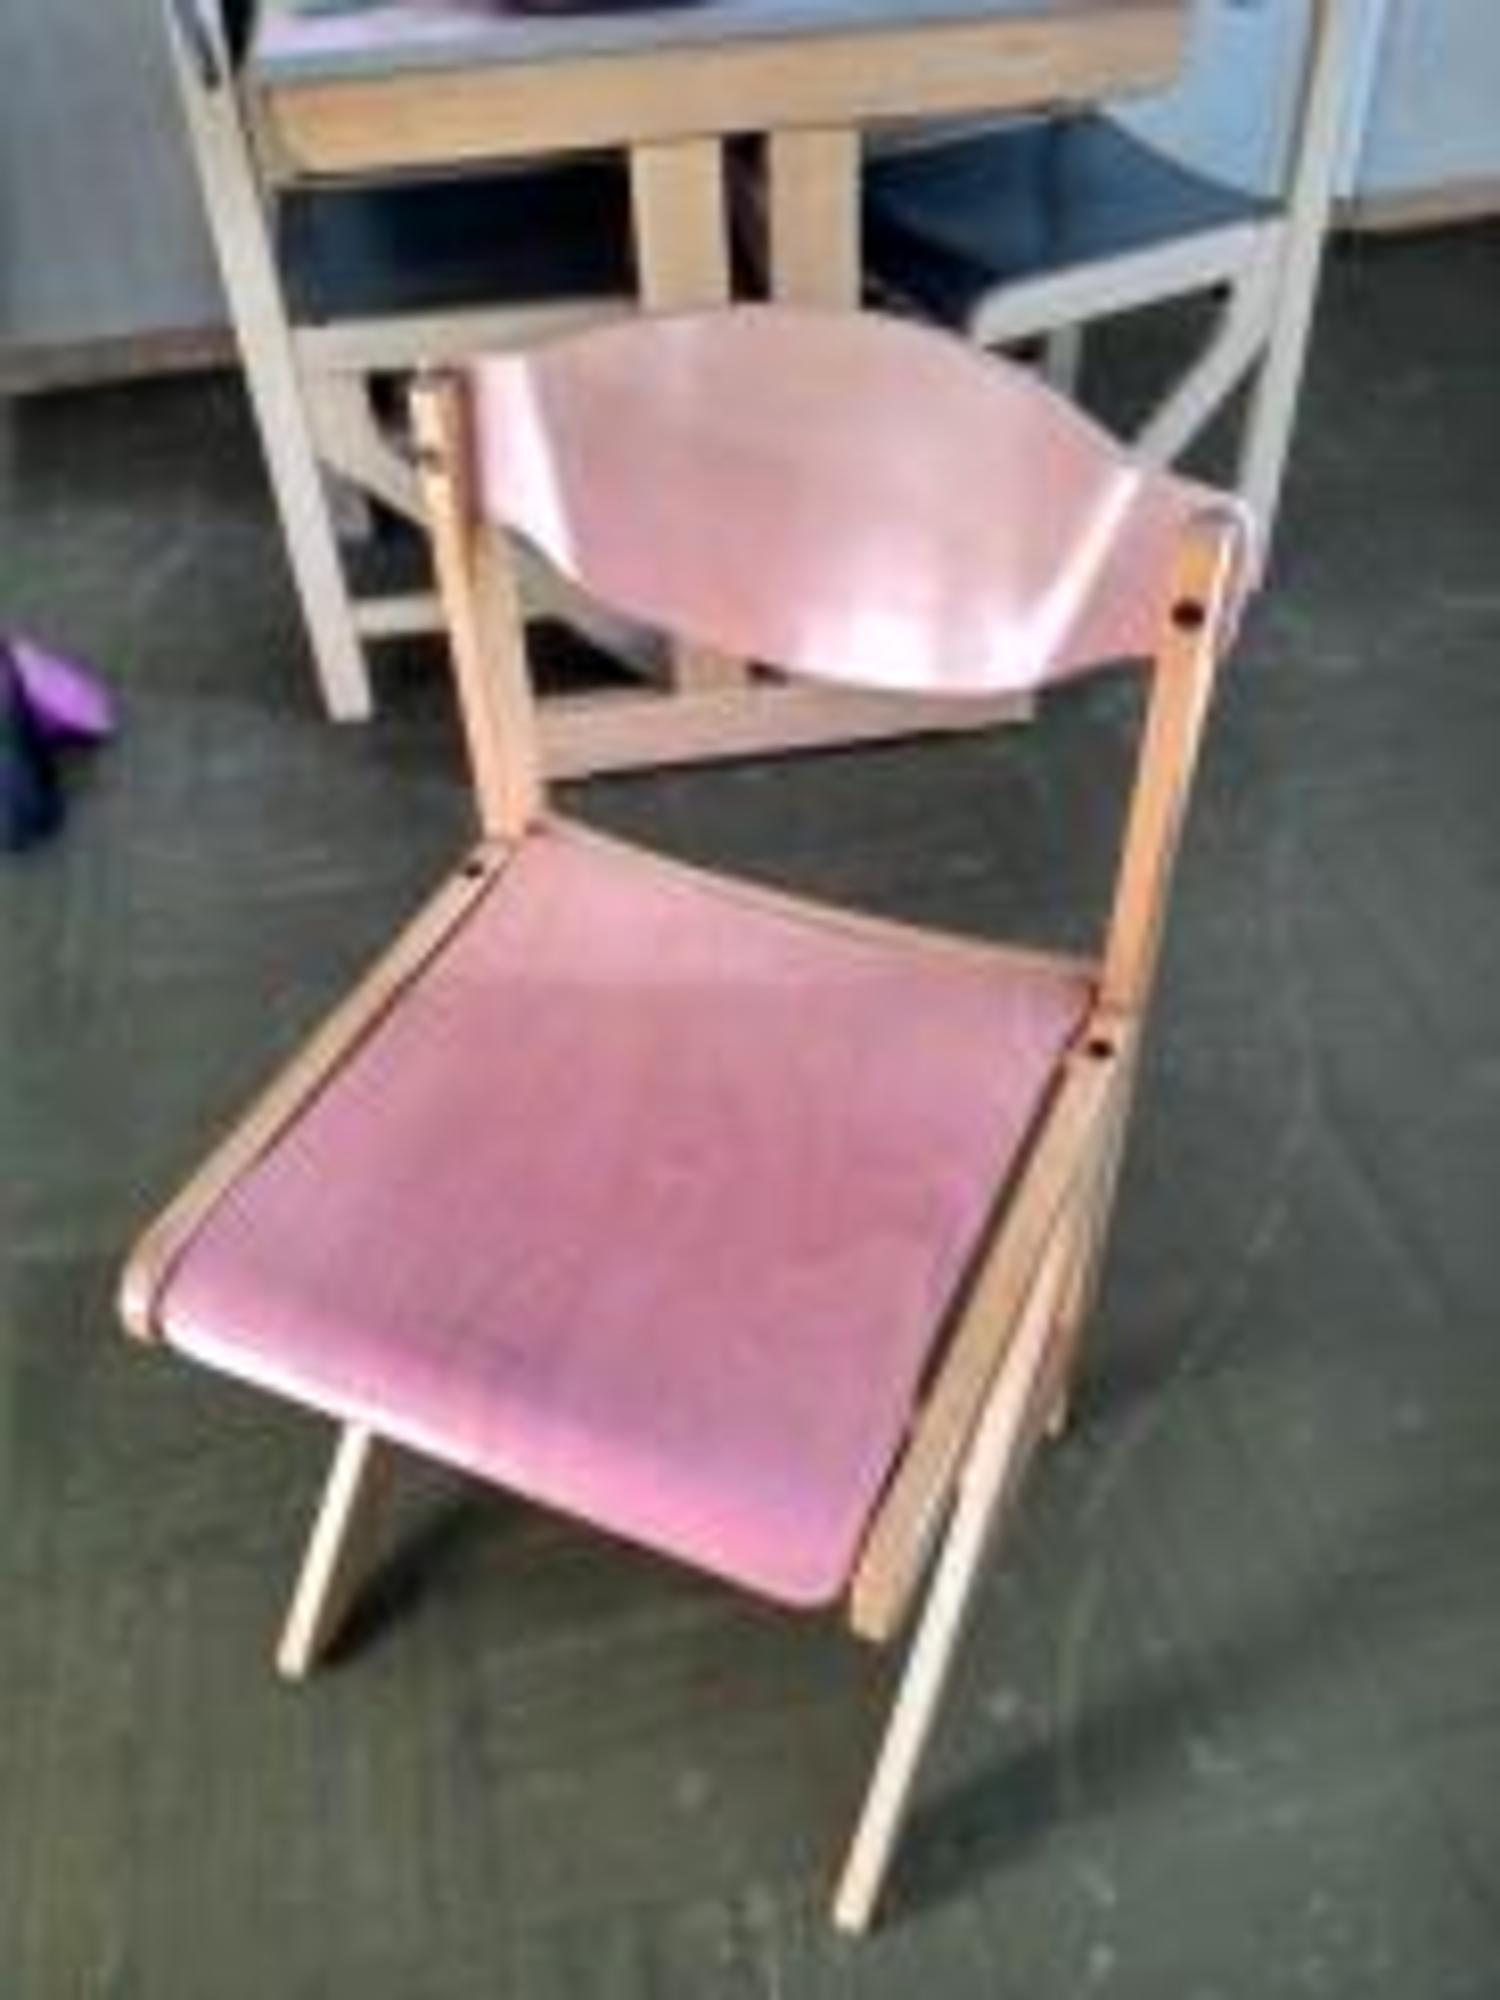 chaise de r fectoire en bois rev tement lisse lessivable bois chaise d 39 occasion aux ench res. Black Bedroom Furniture Sets. Home Design Ideas